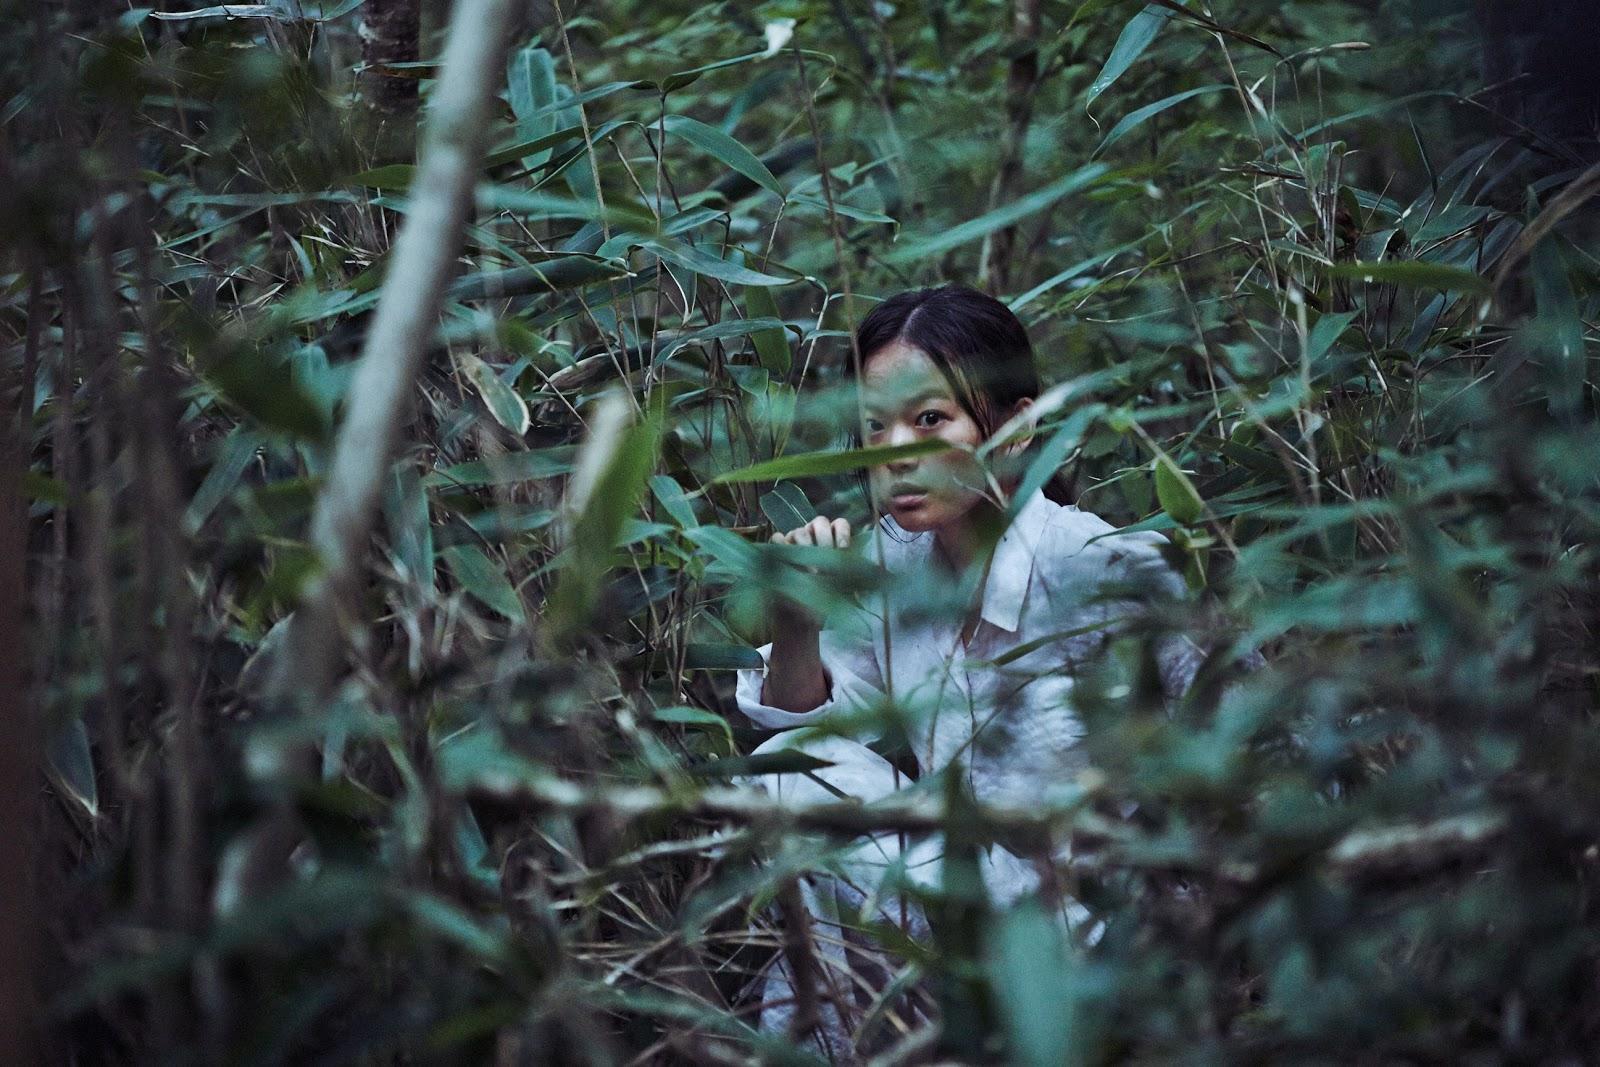 The strangers – Na Hong-Jin